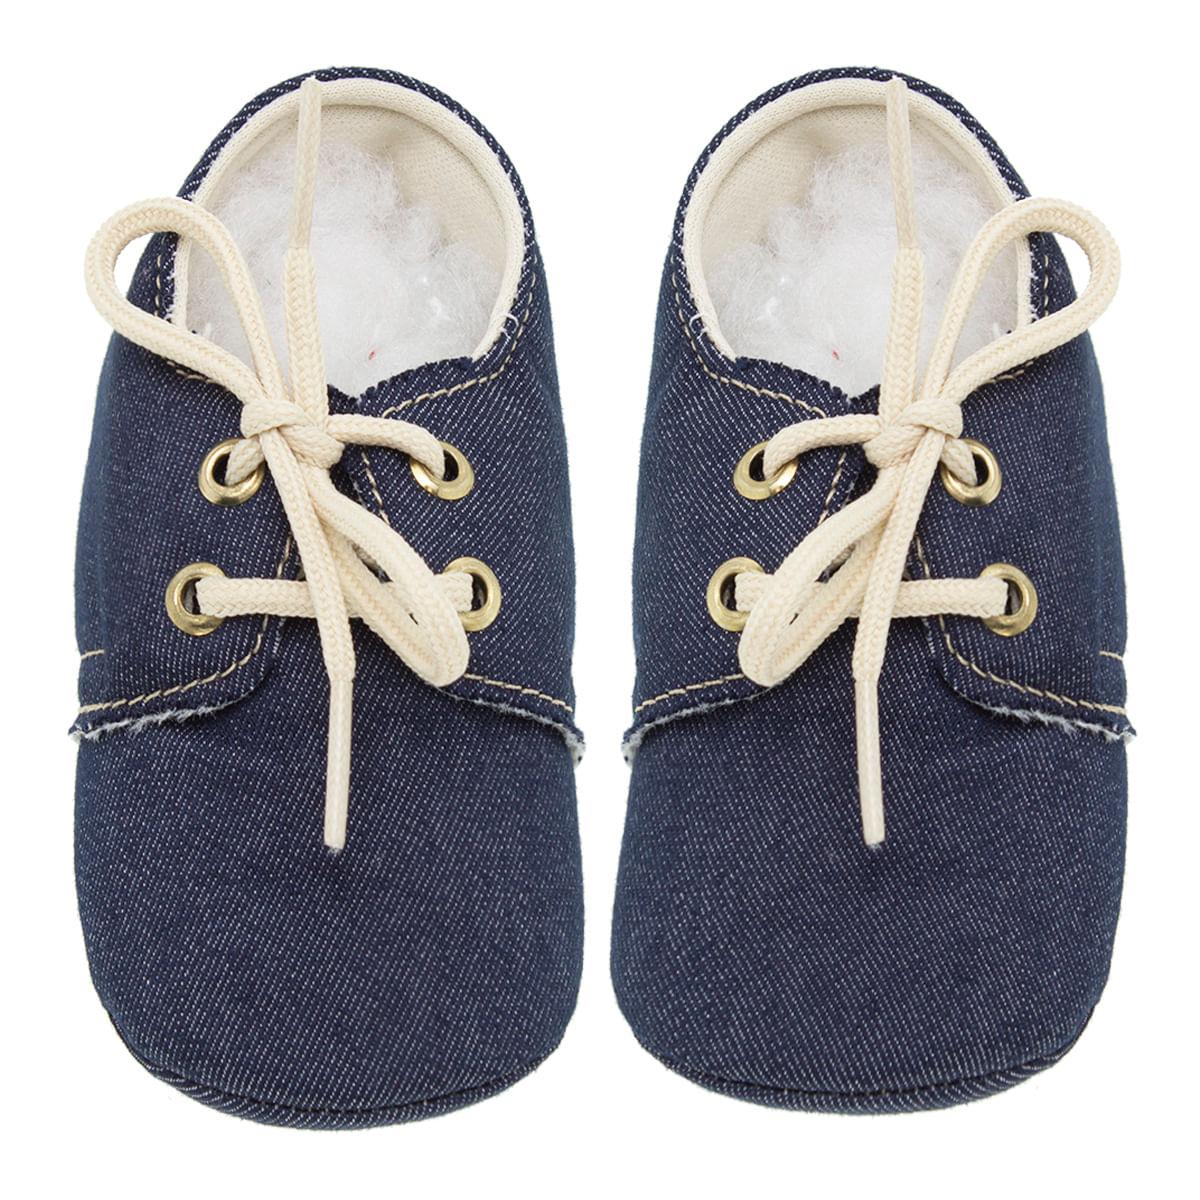 00ba7597c Mocassim para bebe Jeans Roana no Bebefacil, você encontra uma ...